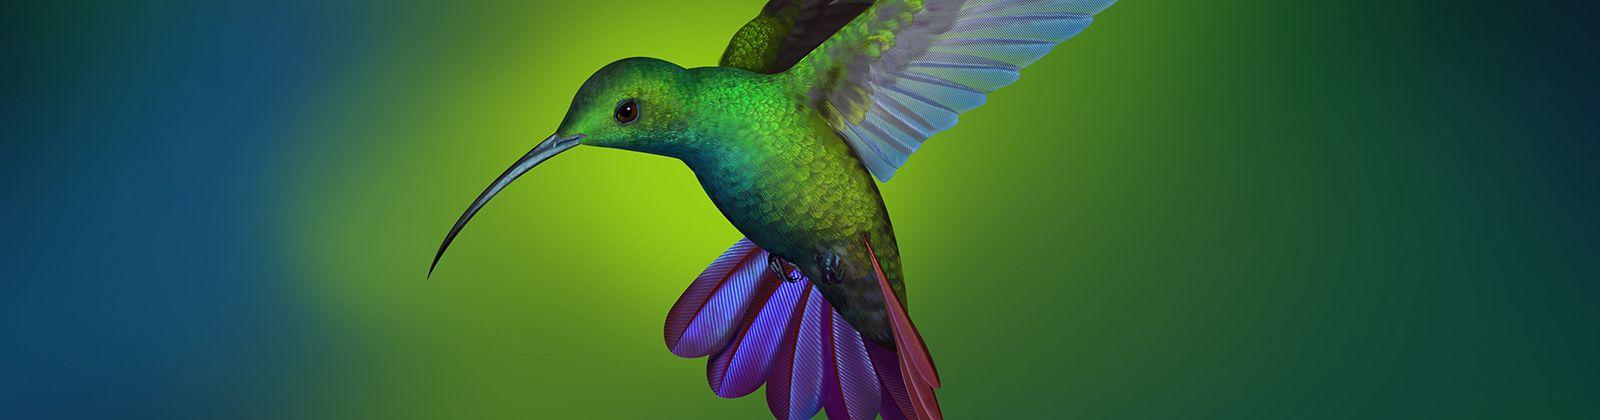 蜂鸟 绿色背景4k超高清壁纸精选